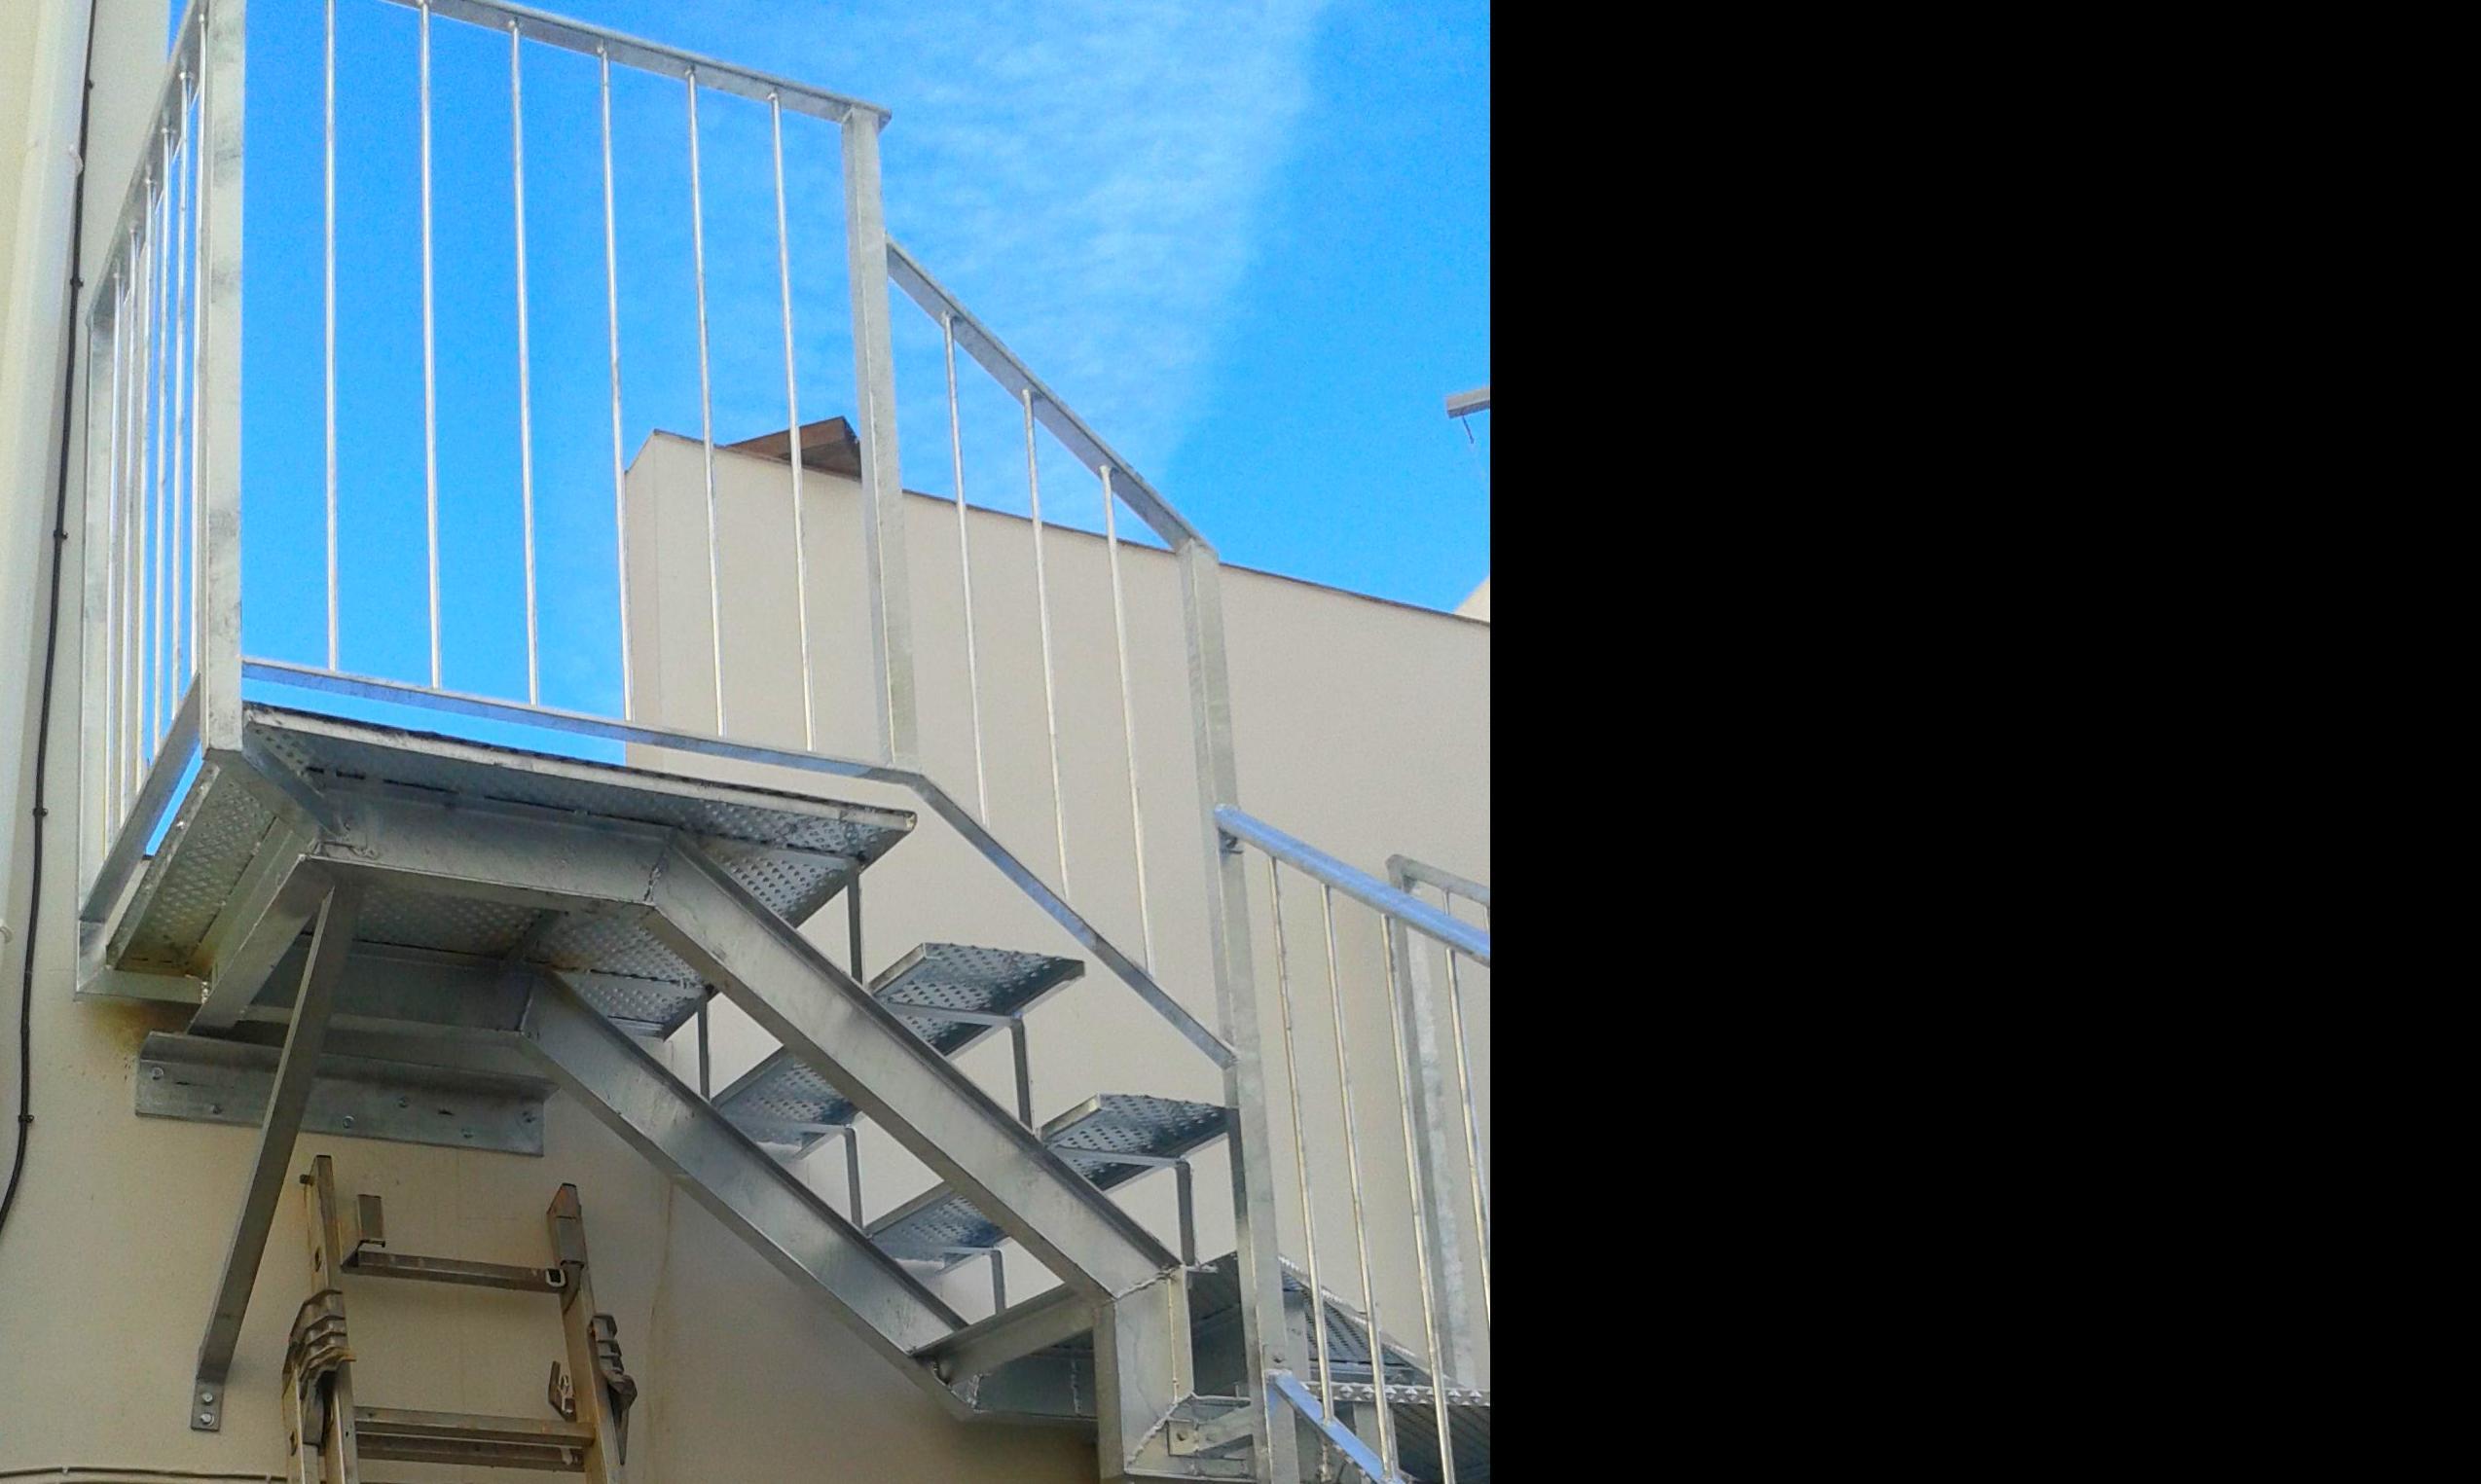 Escalera galvanizada con peldaño compensado